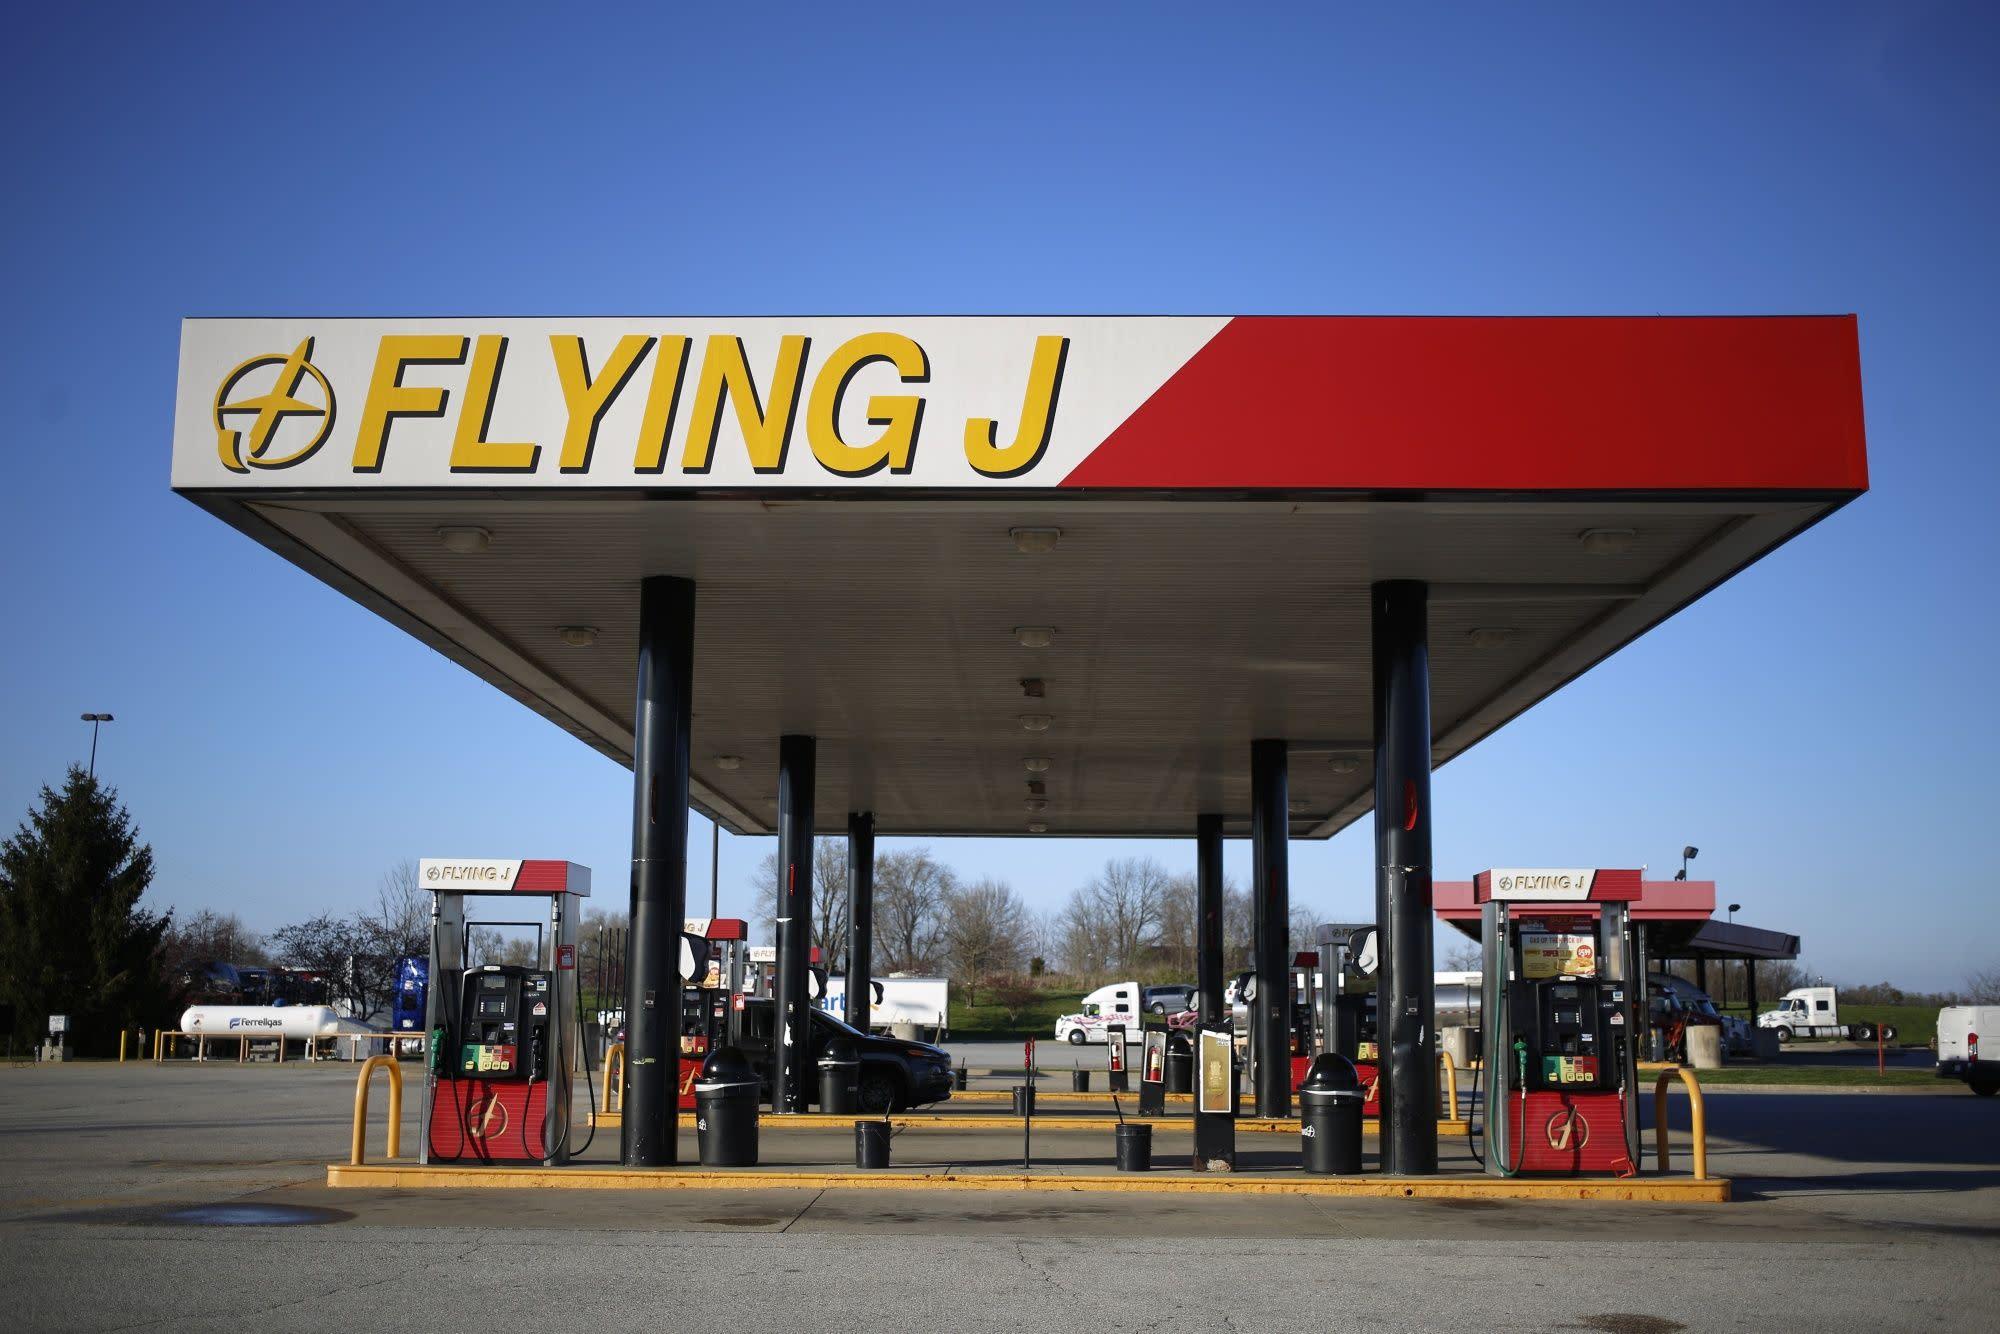 Berkshire-Backed Pilot Seeks $3.5 Billion Loan to Pay Haslams